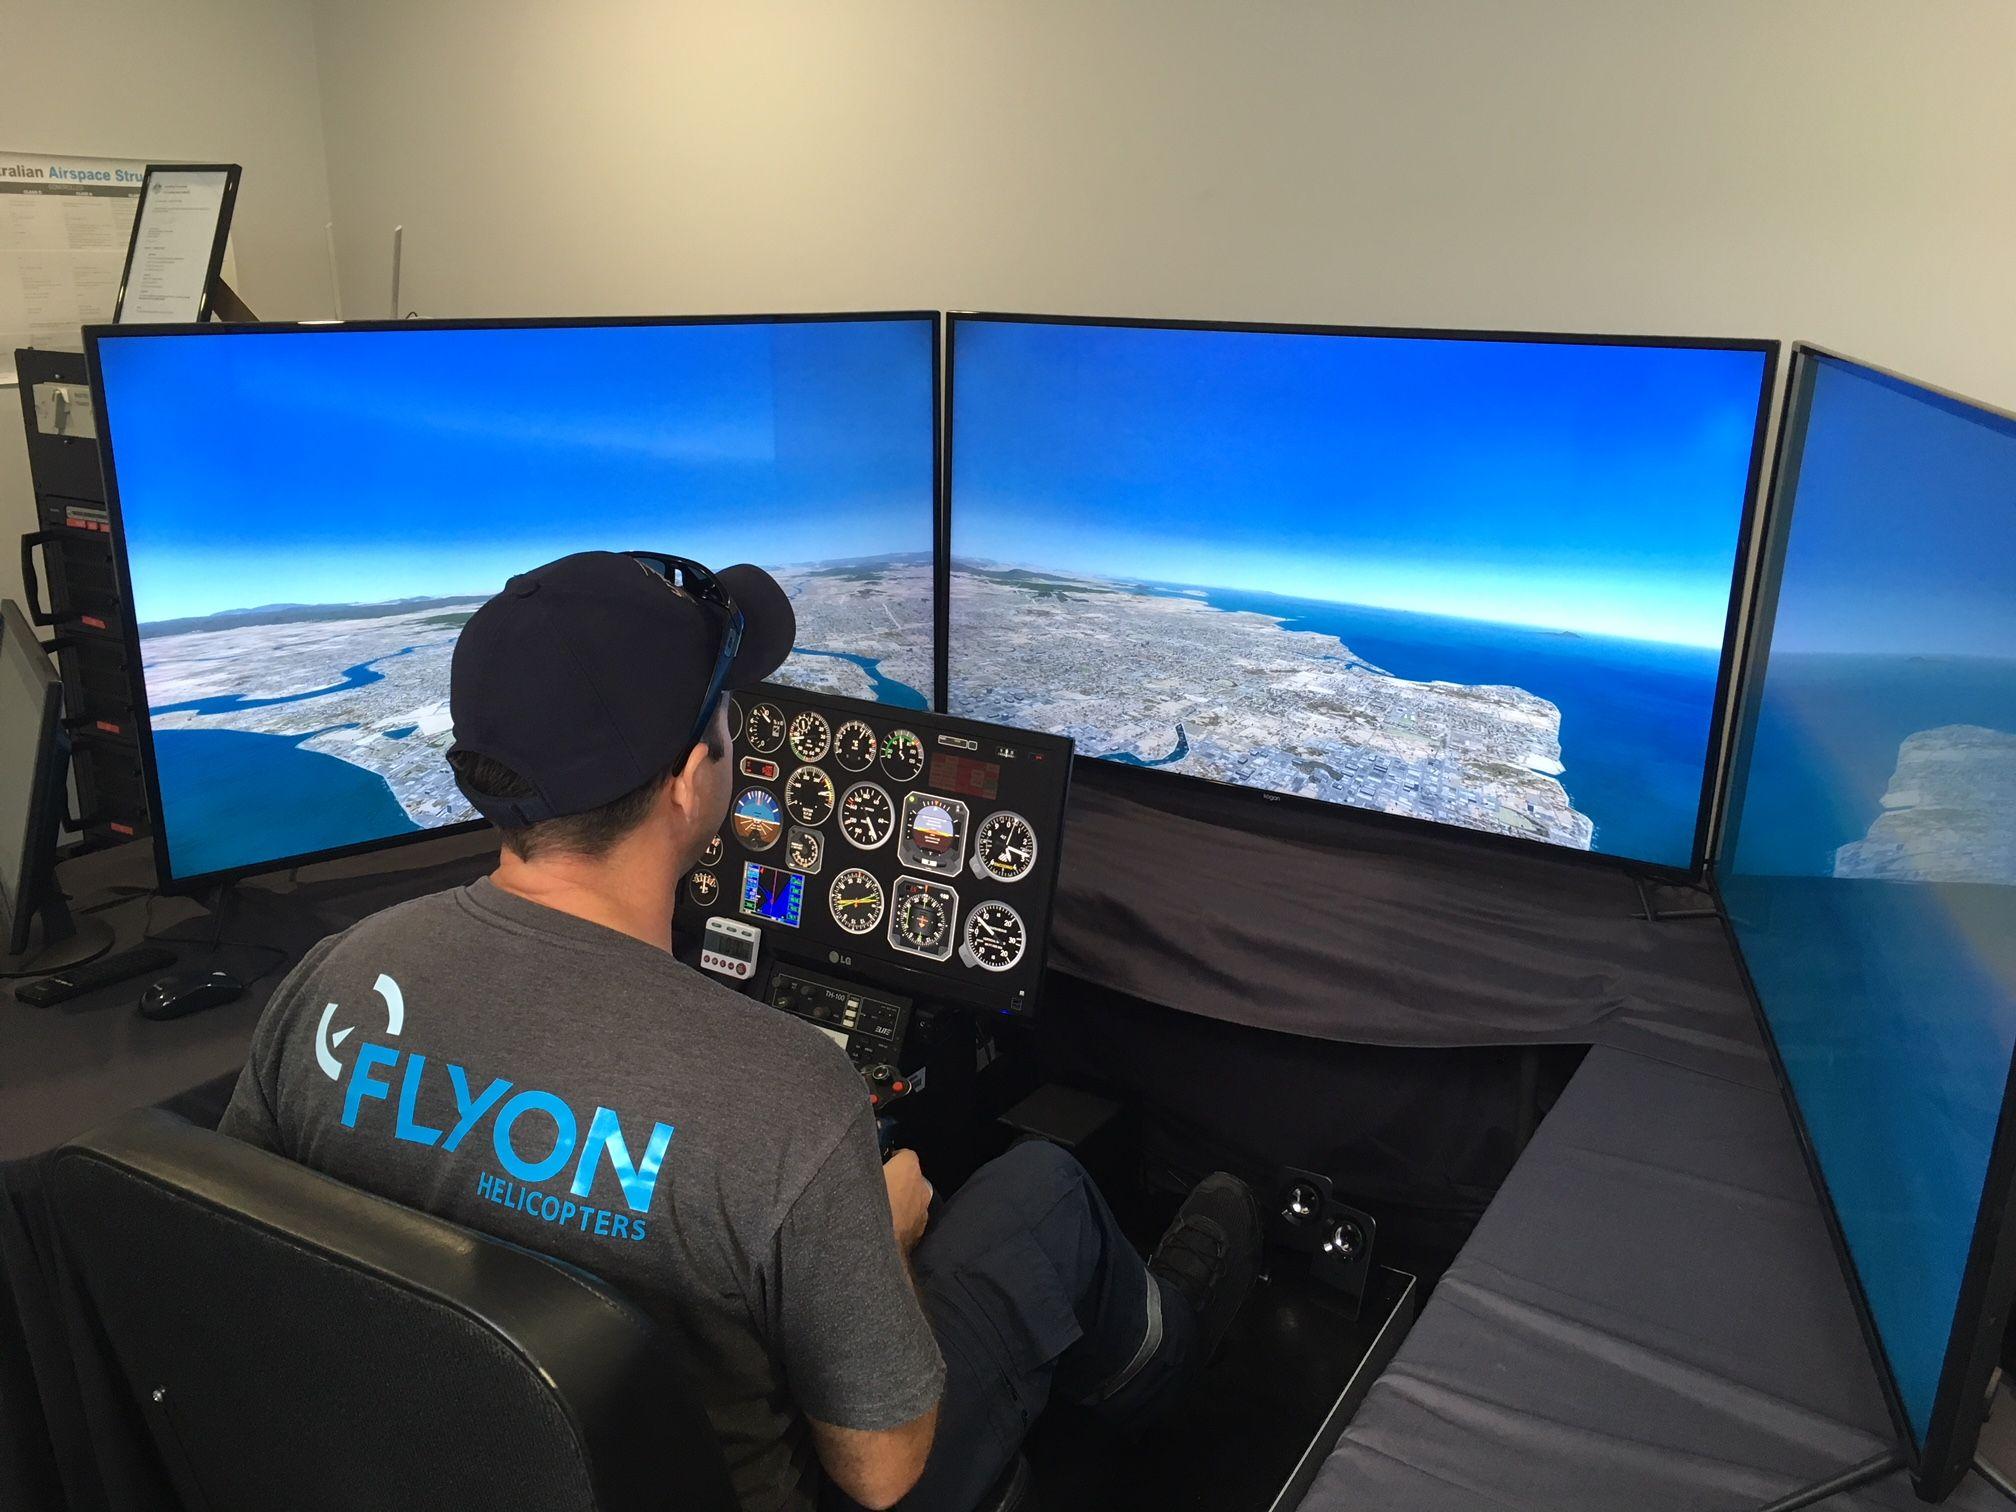 Flyon Flight Simulator